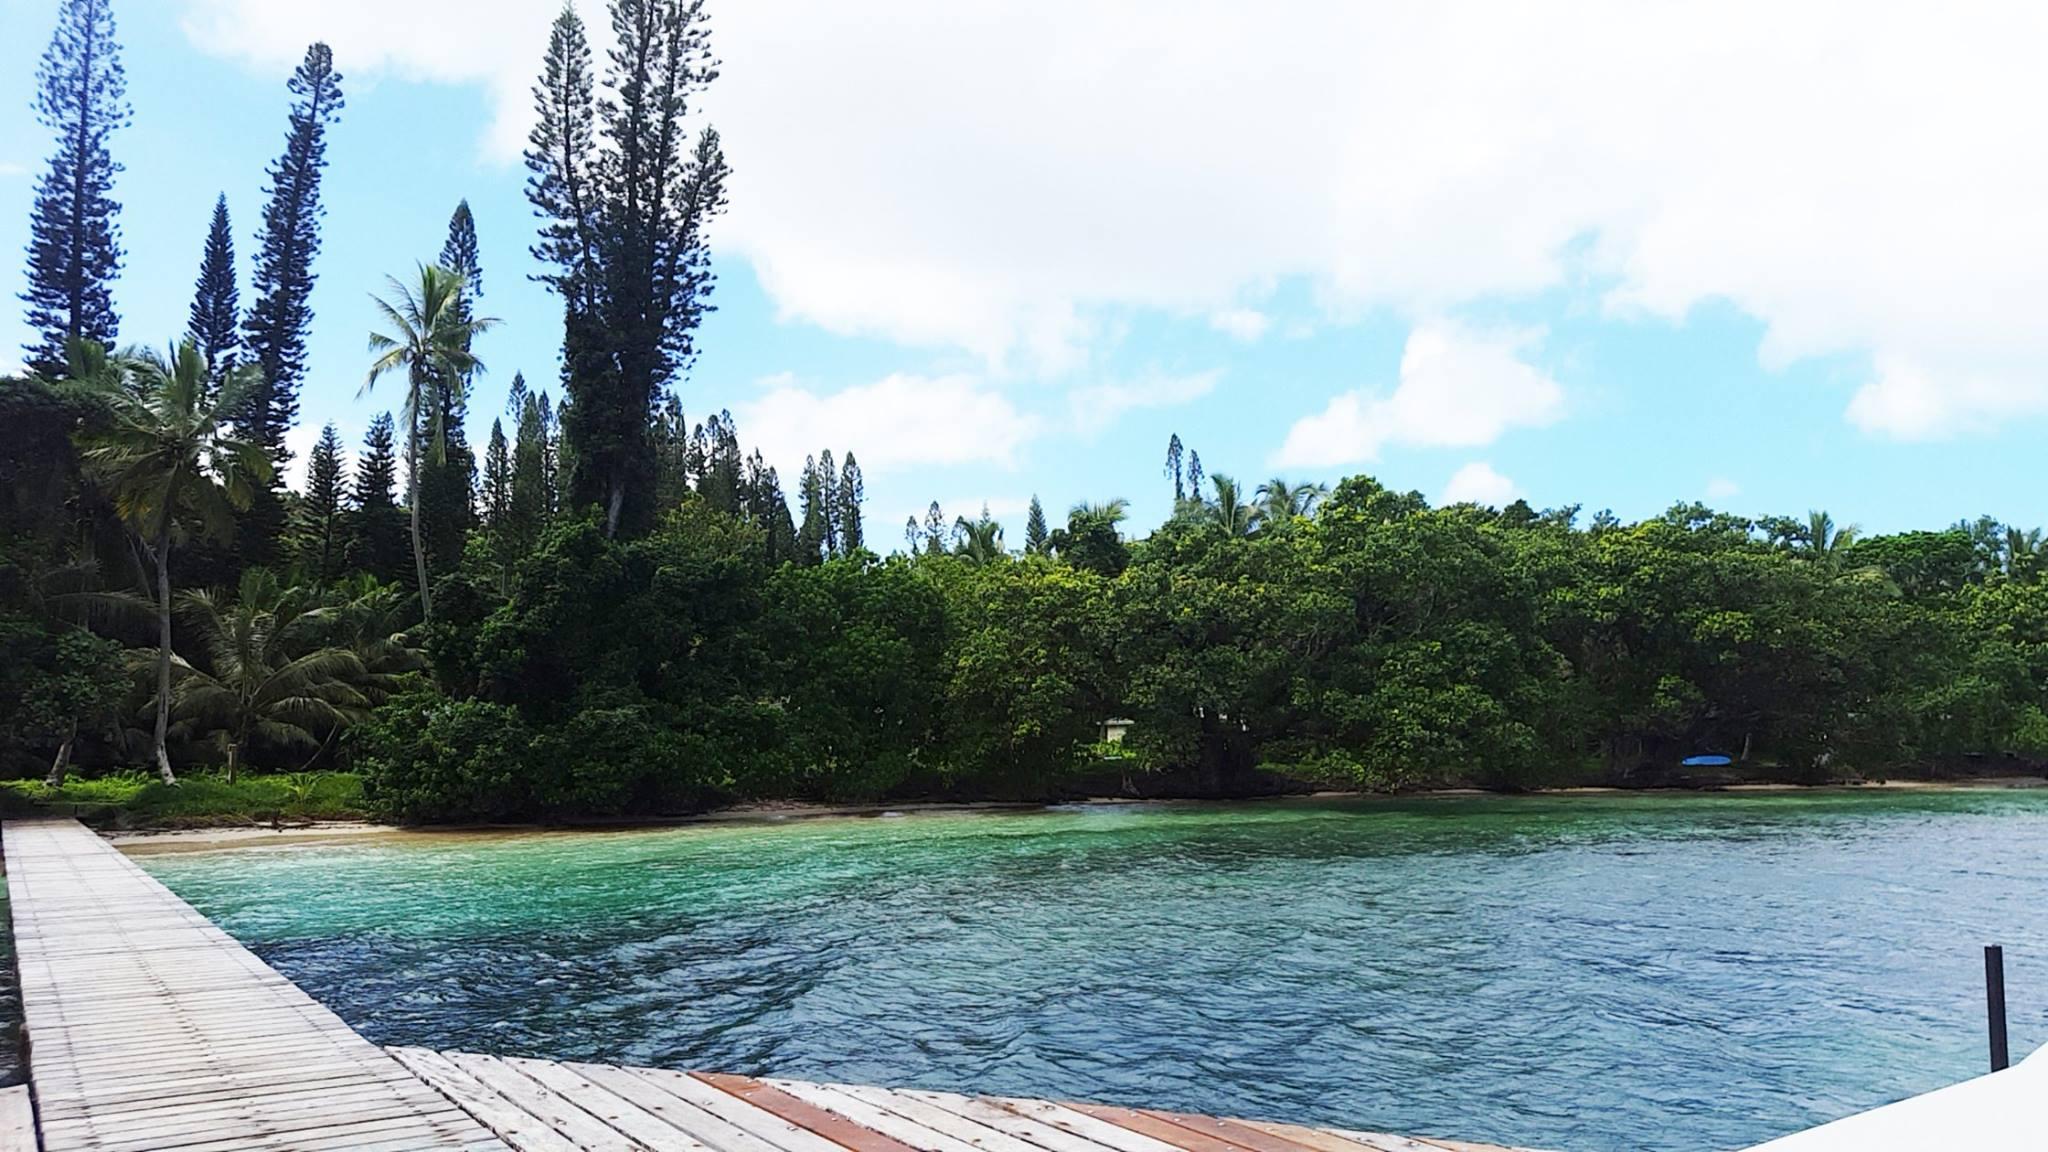 Offres spéciales - CASY EXPRESS - Taxi boat - Prony, Mont-Dore - Nouvelle-Calédonie - Nouvelle-Calédonie